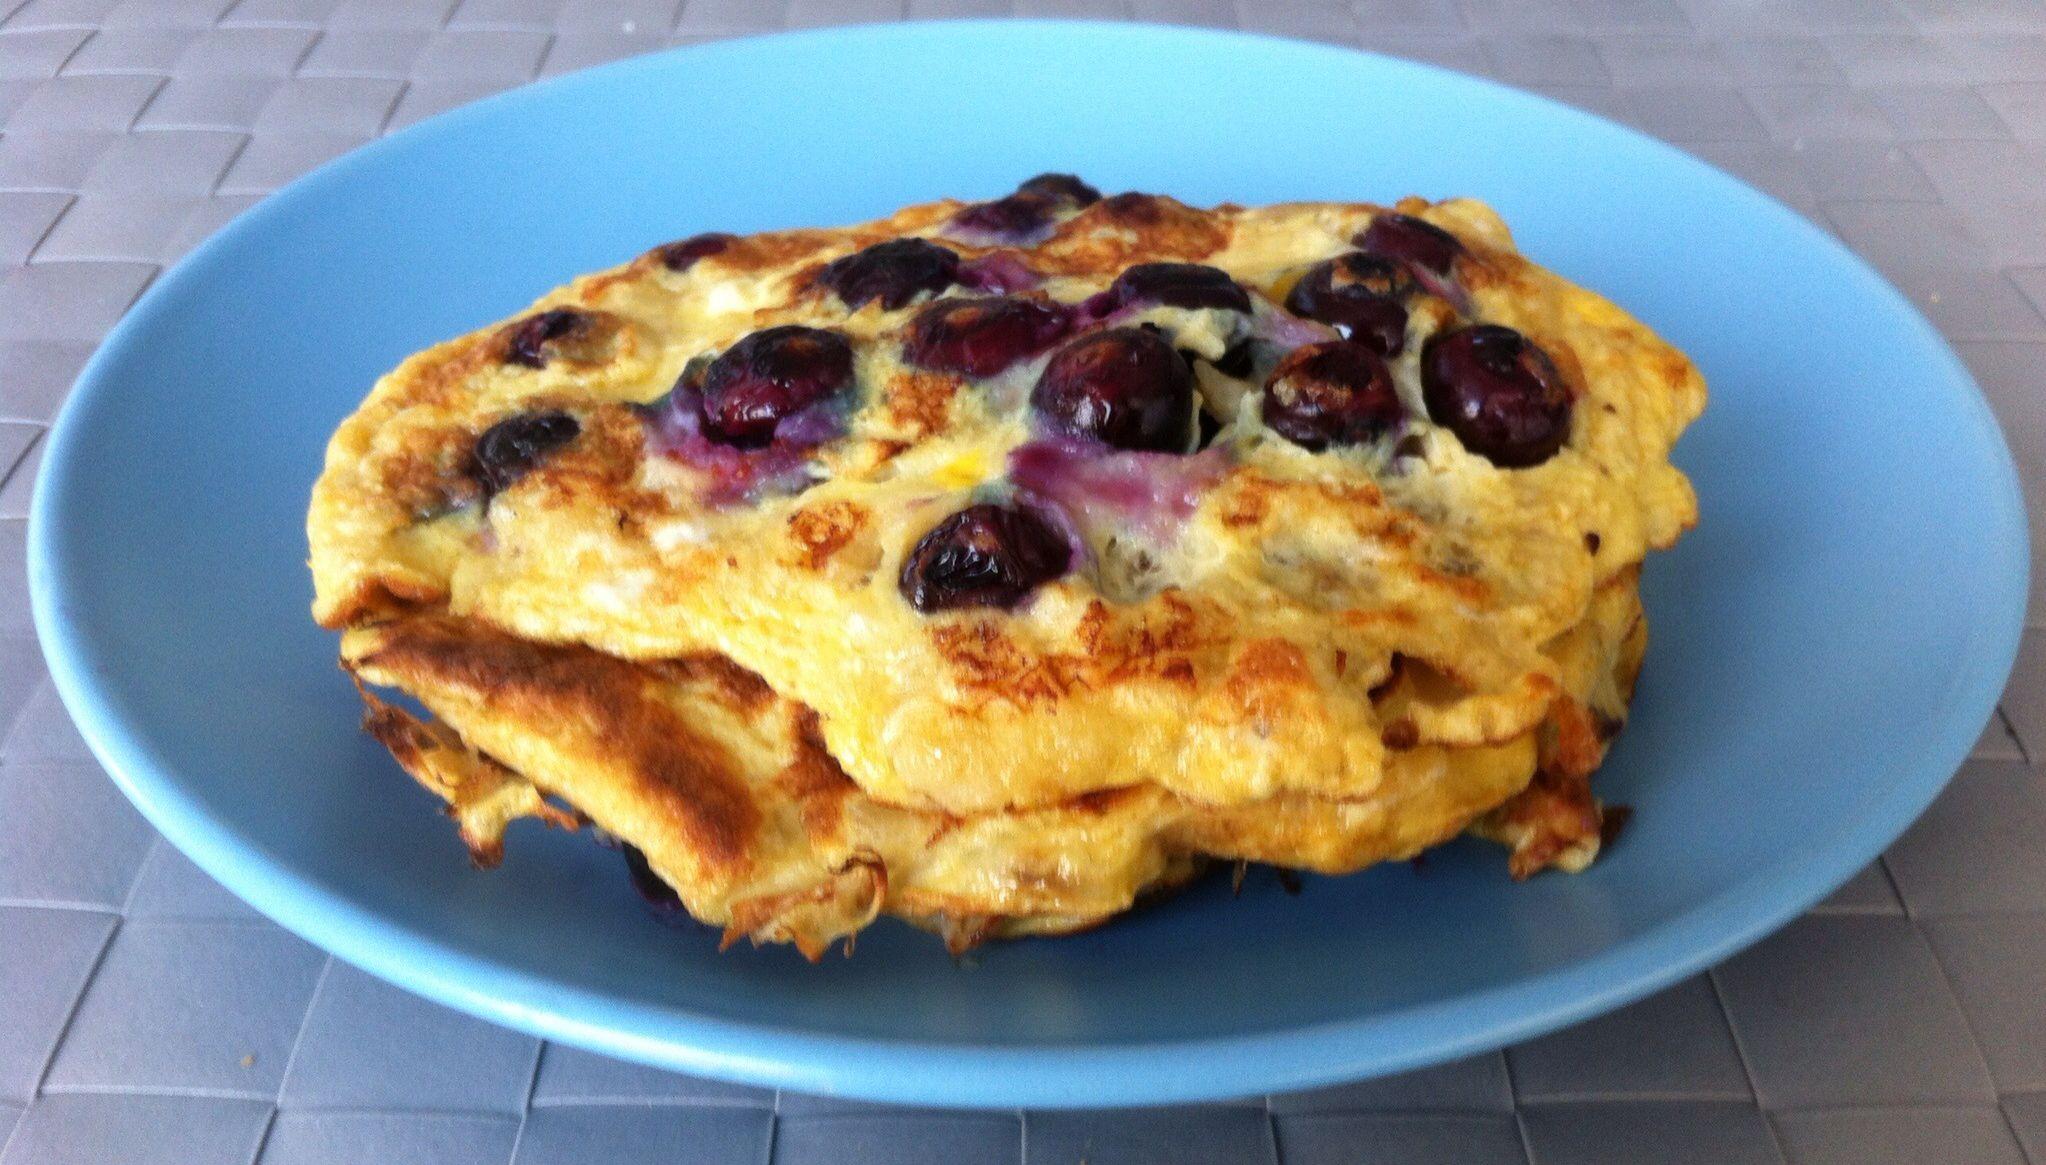 Weekendtip: banaan-bosbessenpannenkoekjes. Prak 1 grote banaan, meng met 2 eieren en een handjevol bosbessen en bak er 3 pannenkoekjes van. Smullen maar!